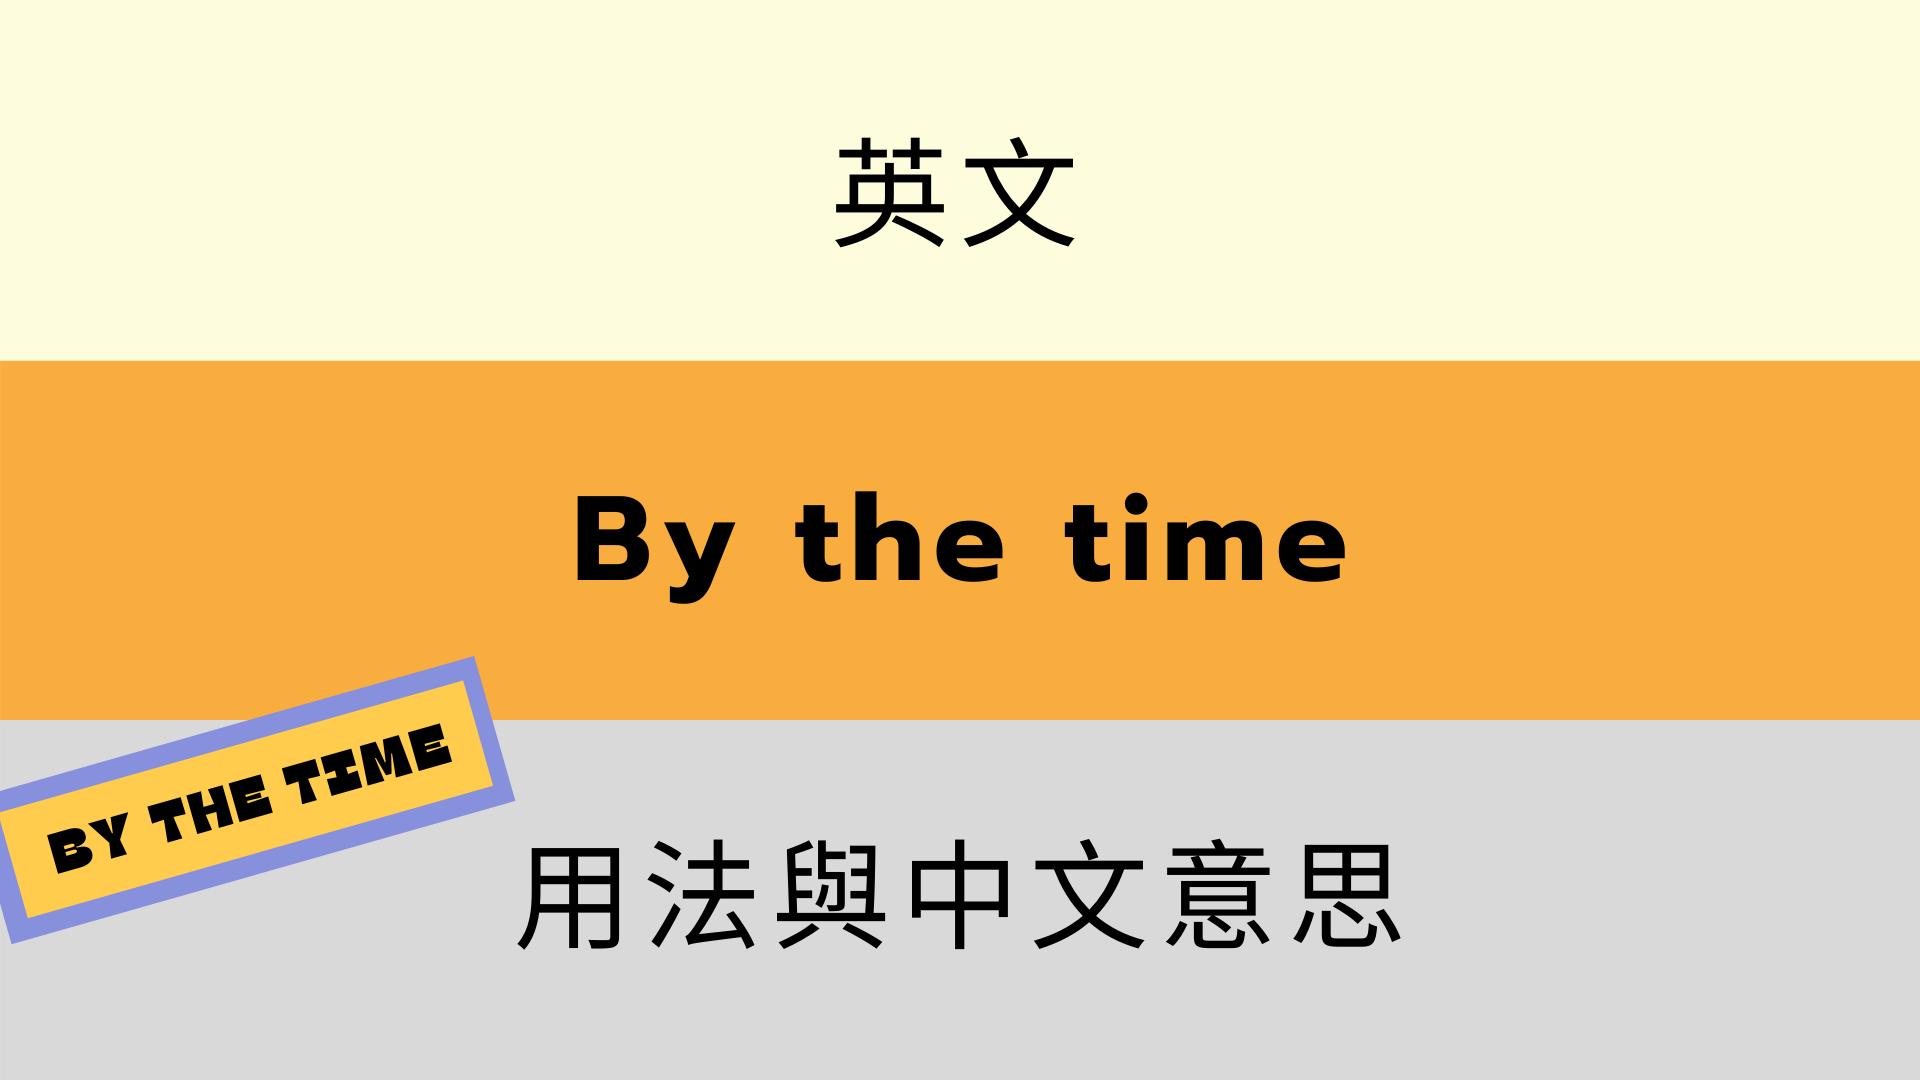 英文 by the time 用法與中文意思!一次搞懂